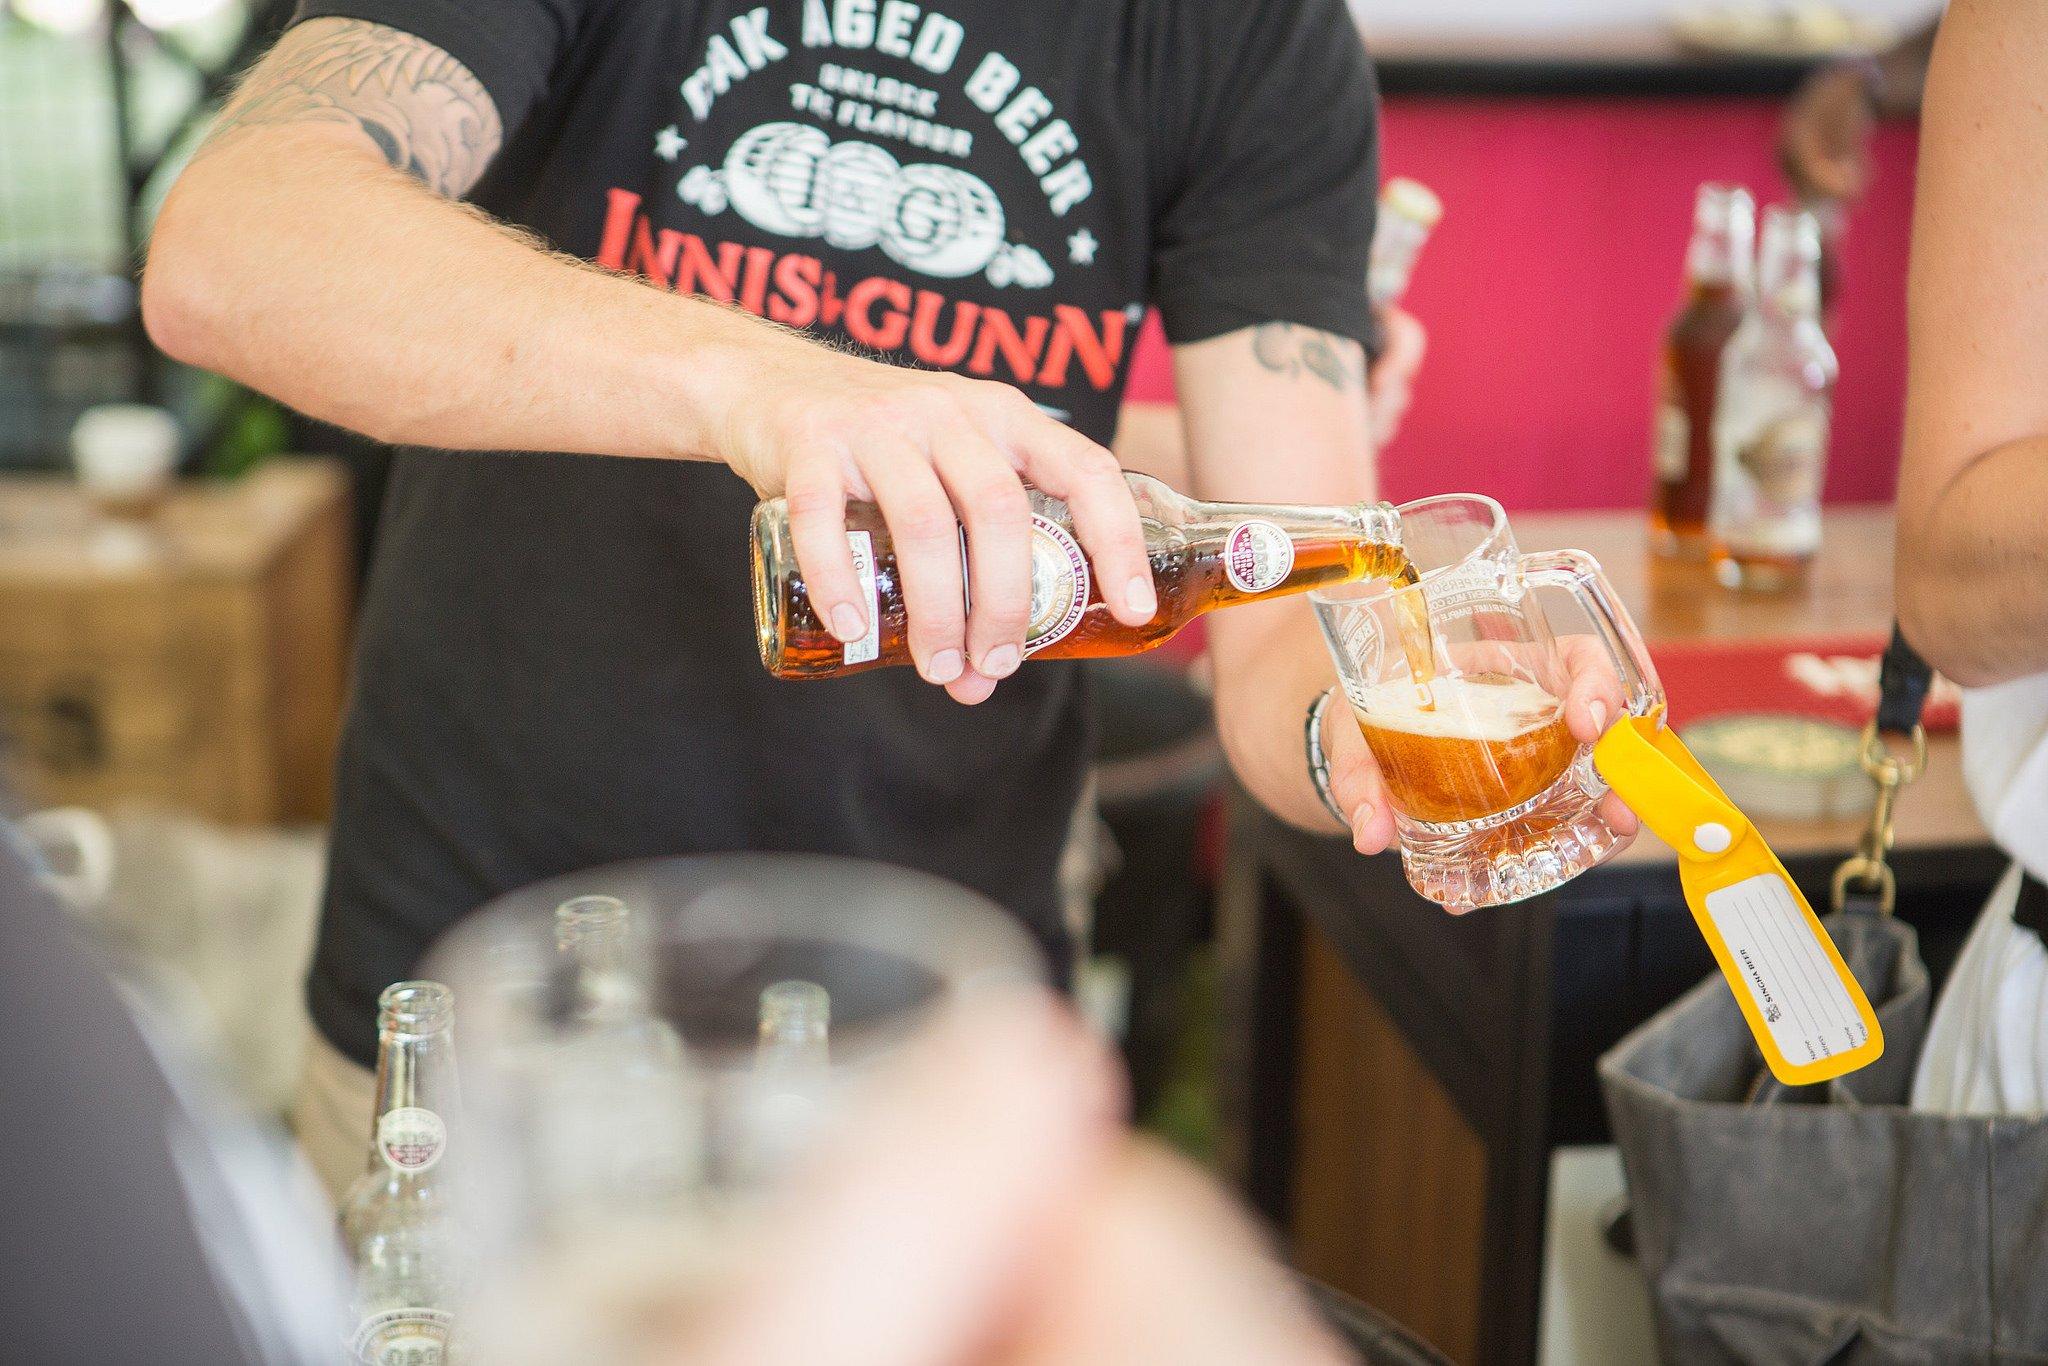 Toronto Festival of Beer Innis and Gunn